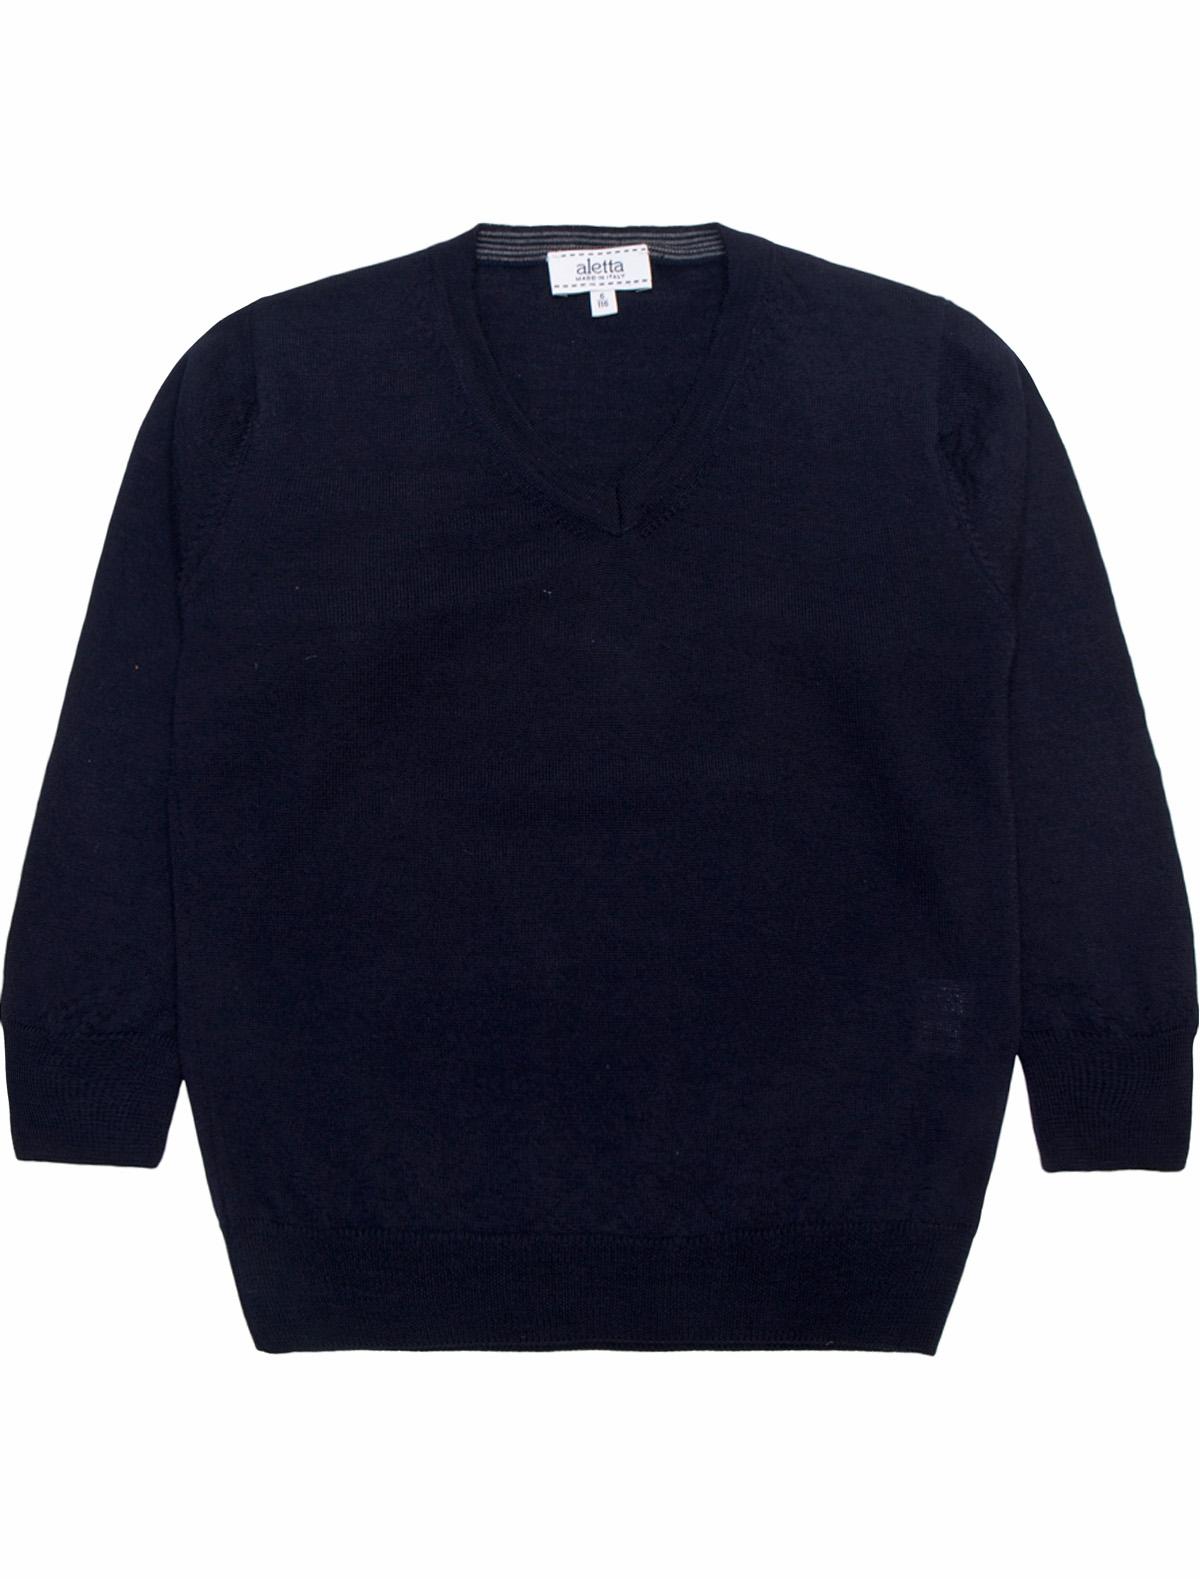 Купить 1893032, Джемпер Aletta, синий, Мужской, 1260419580299